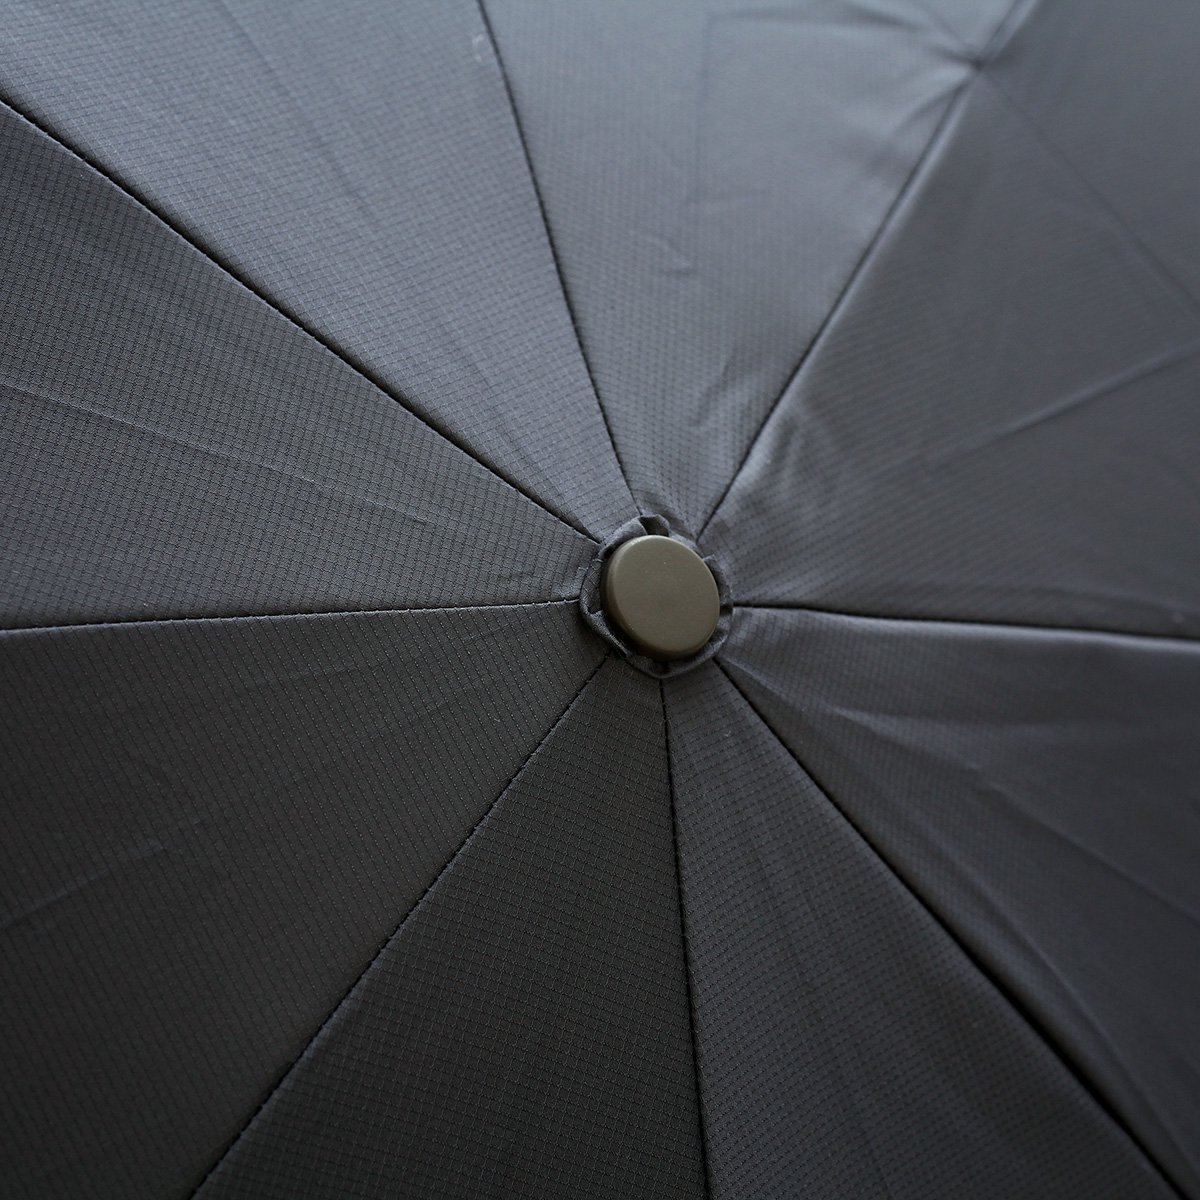 自動開閉 リップストップ 折りたたみ傘 詳細画像9